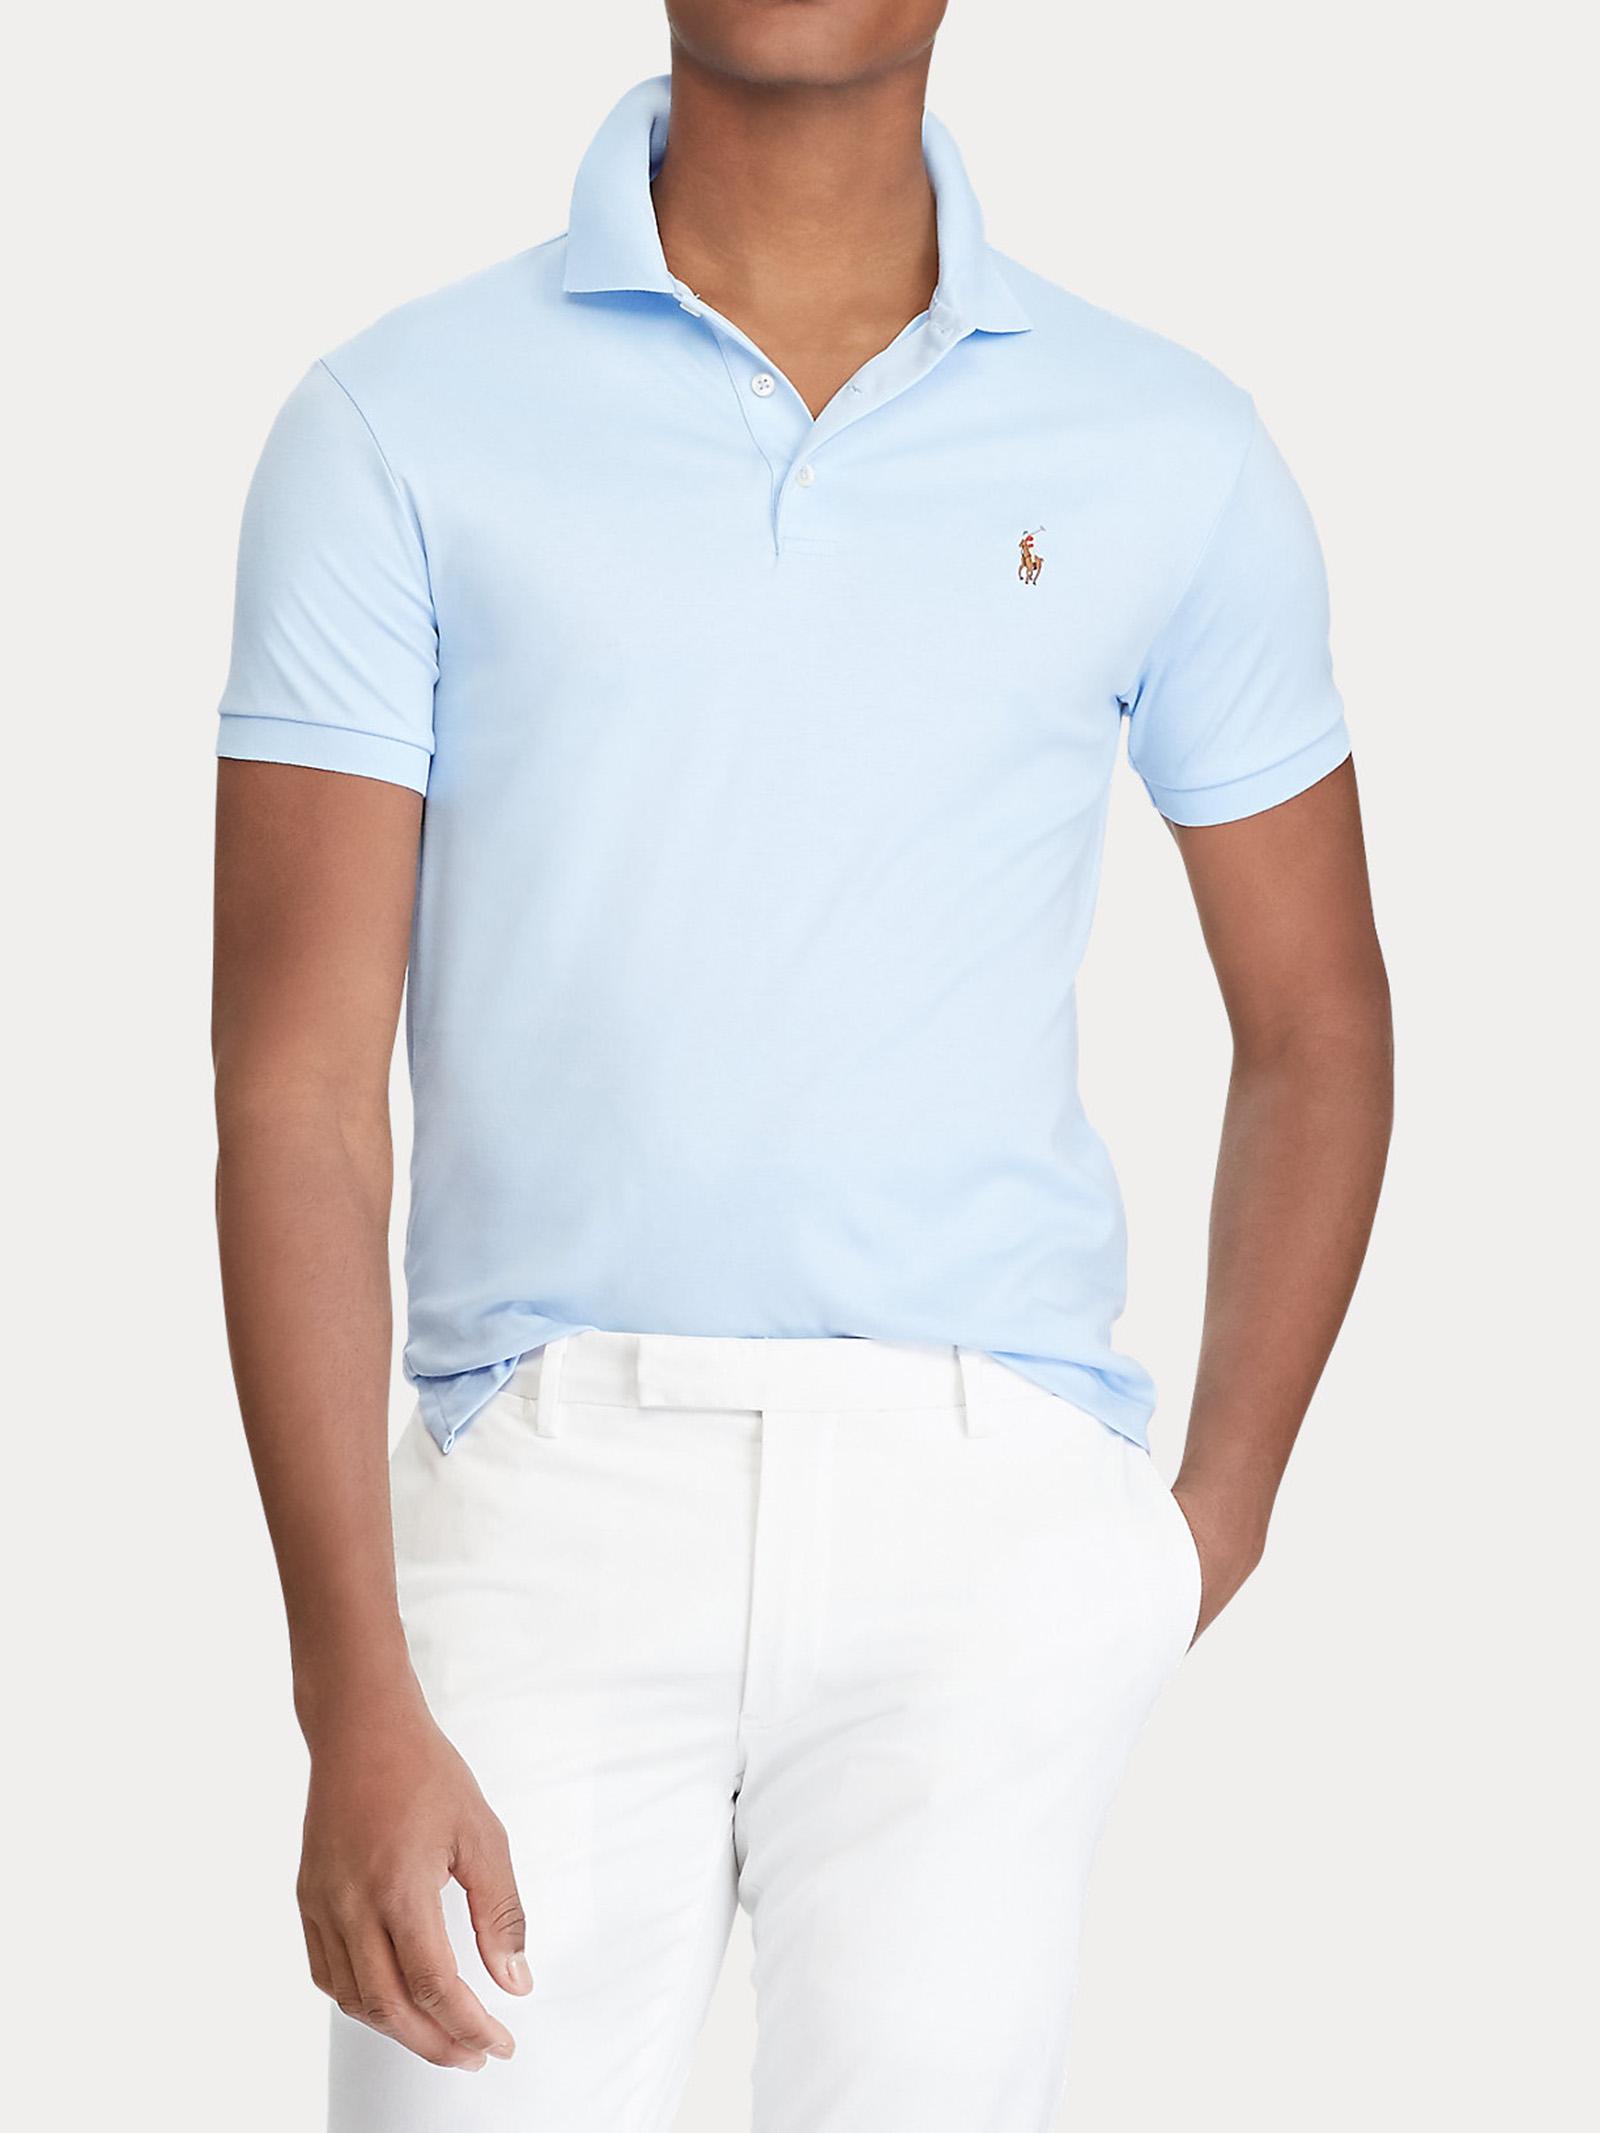 Polo in cotone morbido Slim-Fit RALPH LAUREN | Polo | 710-652578129